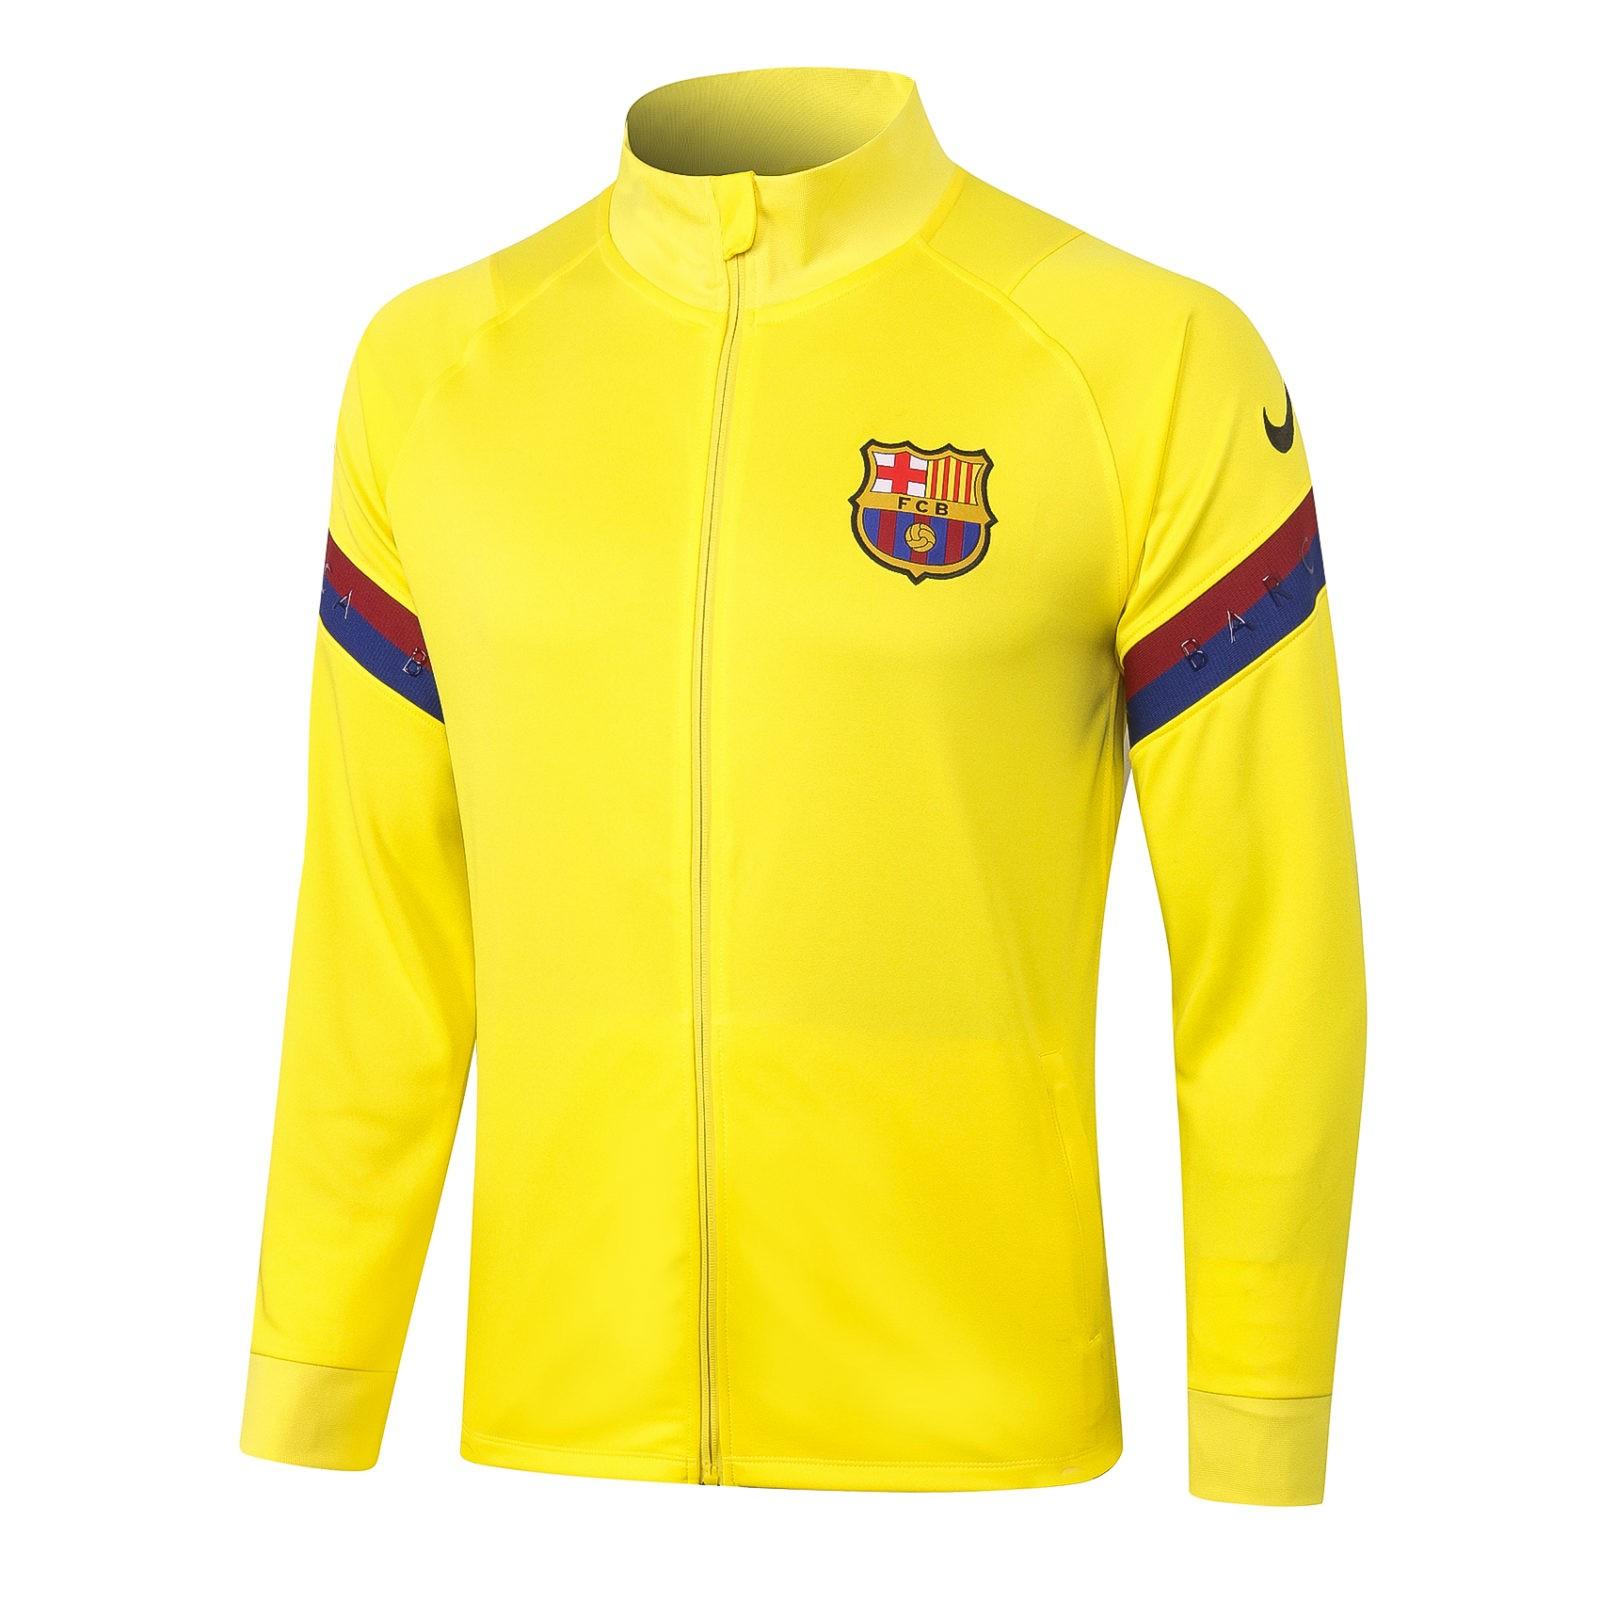 Олимпийка Барселоны сезон 2020-2021 (Жёлтая)